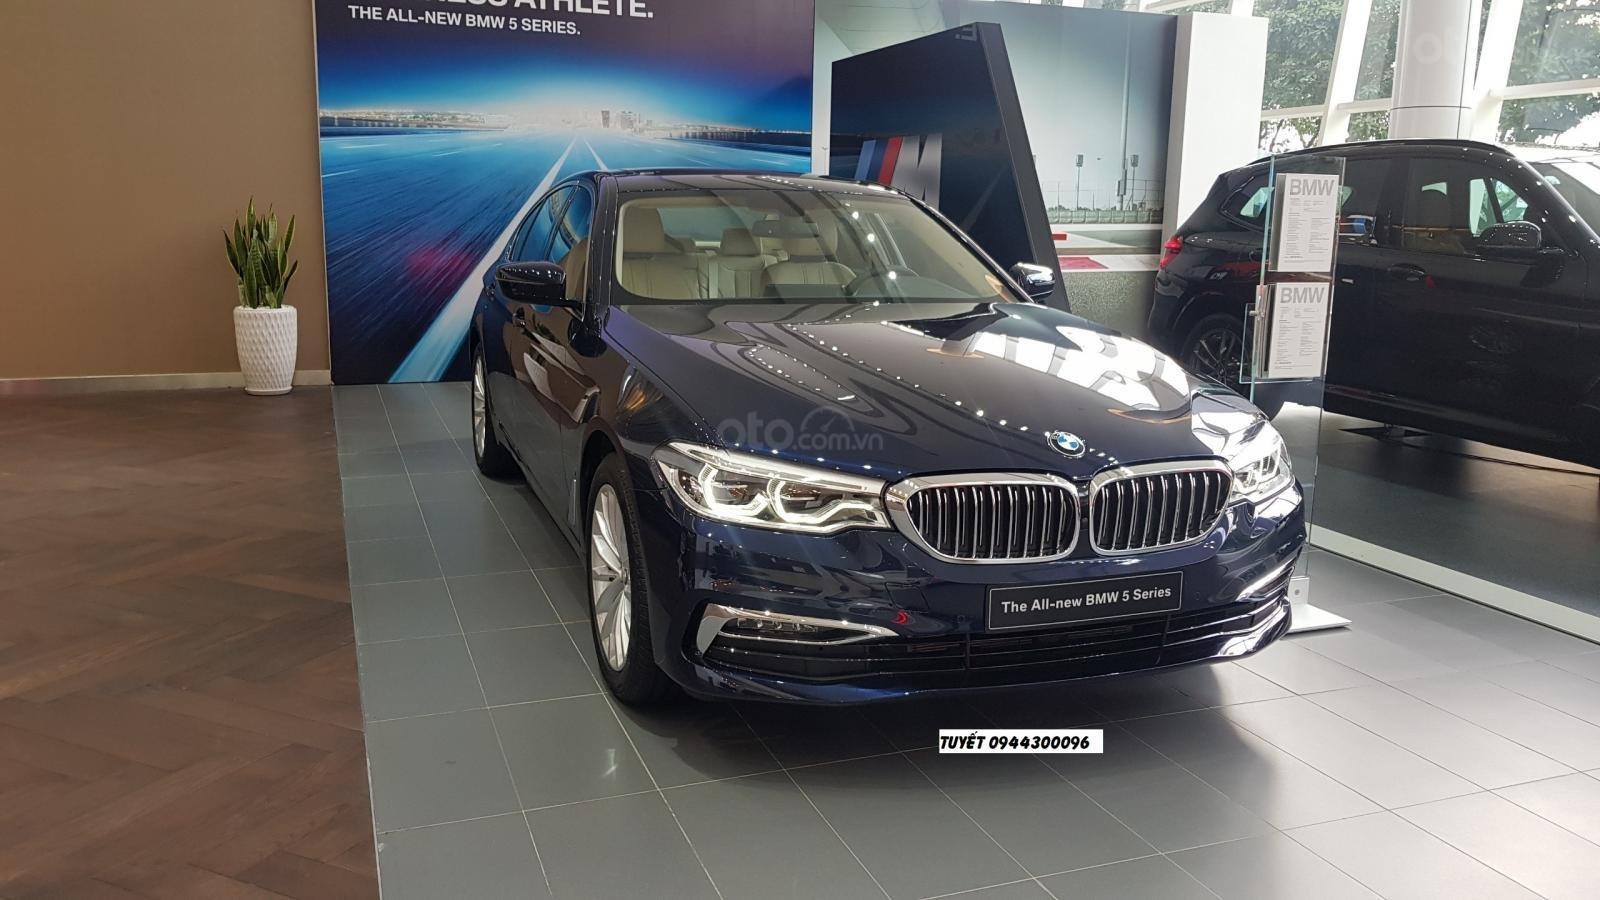 Bán BMW 530i, giảm giá 100tr, tặng BHVC, thủ tục nhanh gọn, giao xe tận nhà (1)